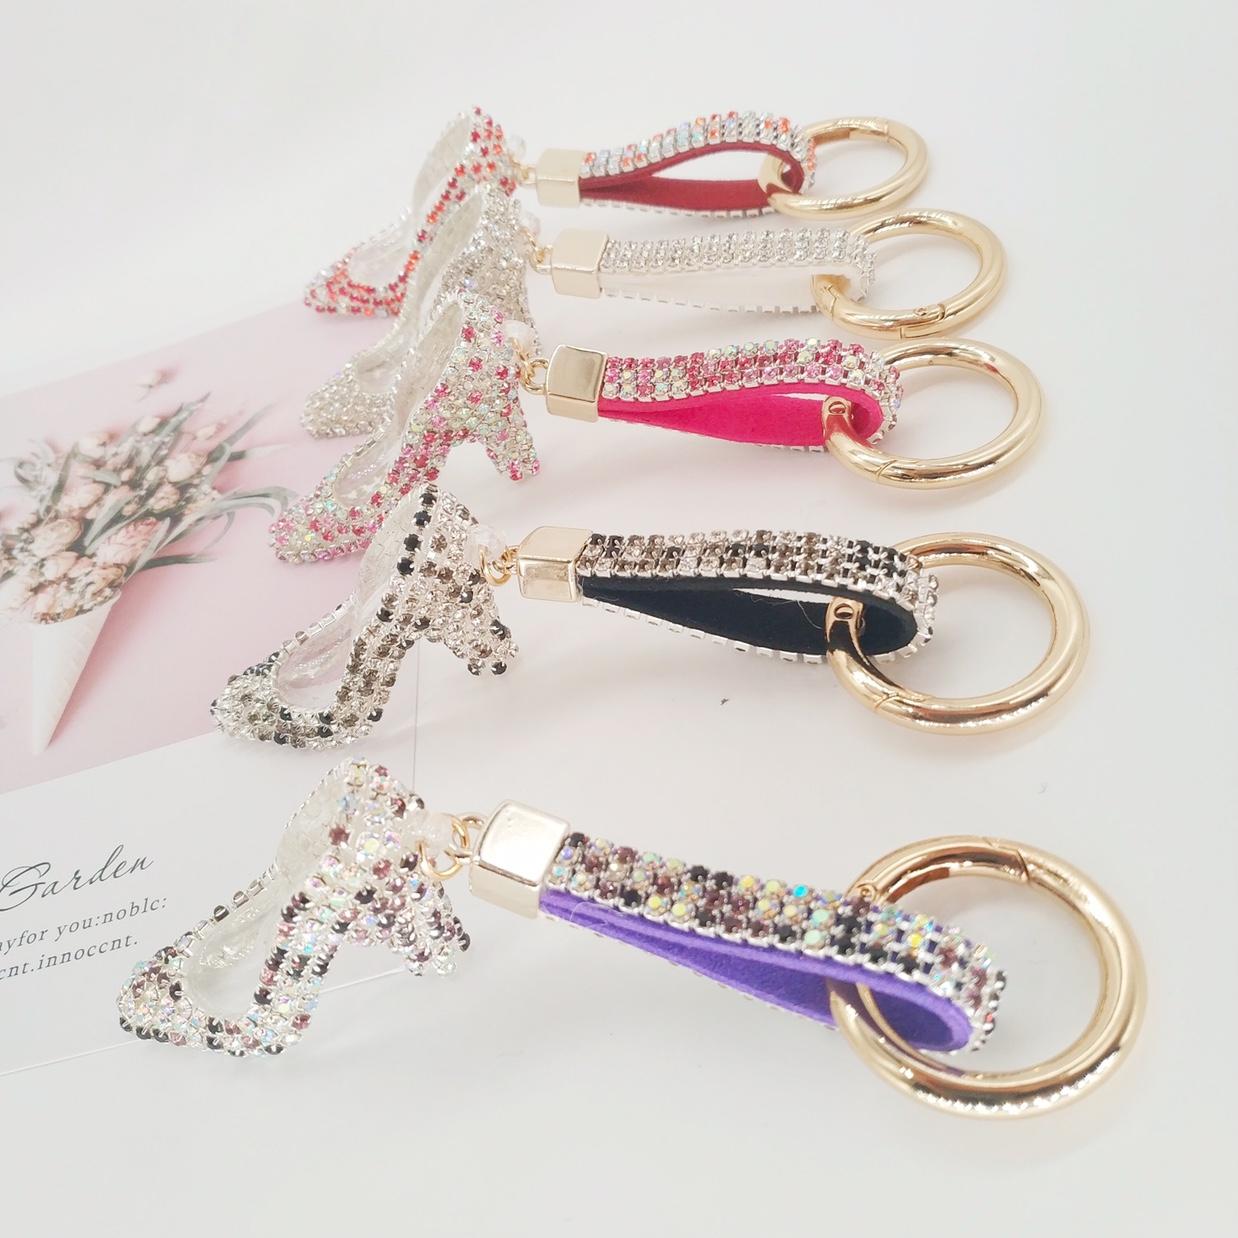 创意礼品韩国贴钻水晶高跟鞋汽车钥匙扣钥匙圈 闪钻女士包包扣挂